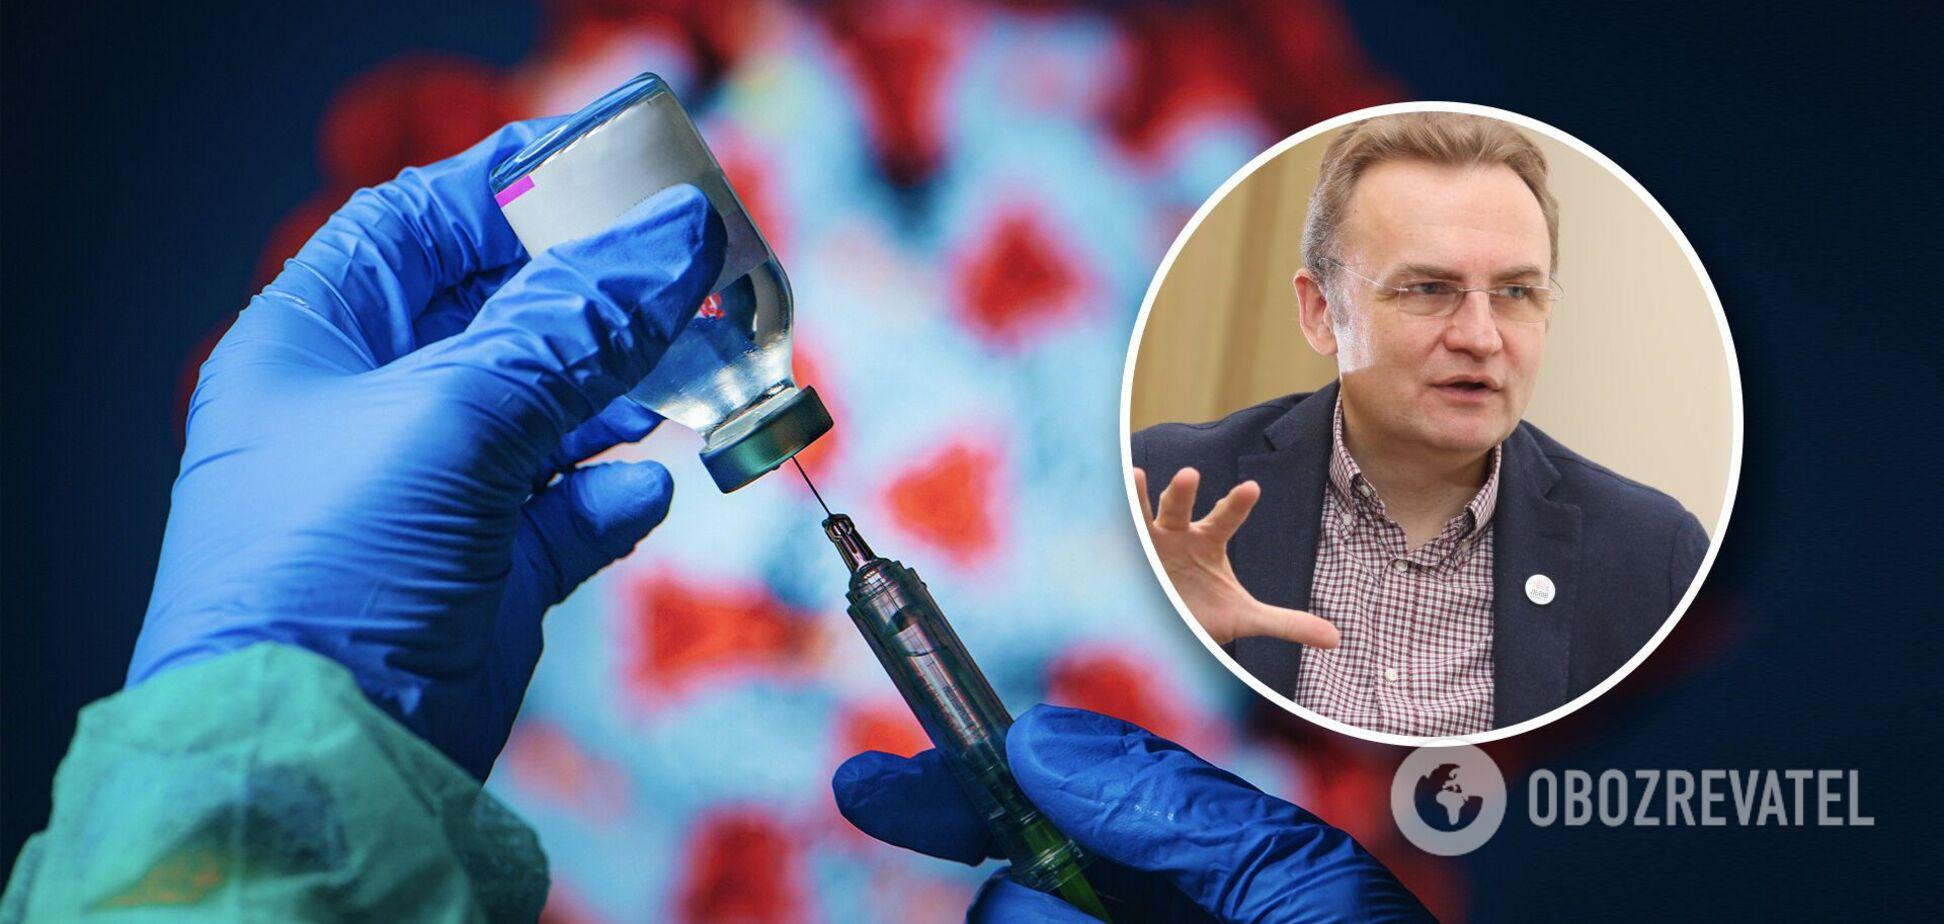 Львівщина – друга за смертністю від коронавірусу, але Садовий проти карантину: що відбувається в області